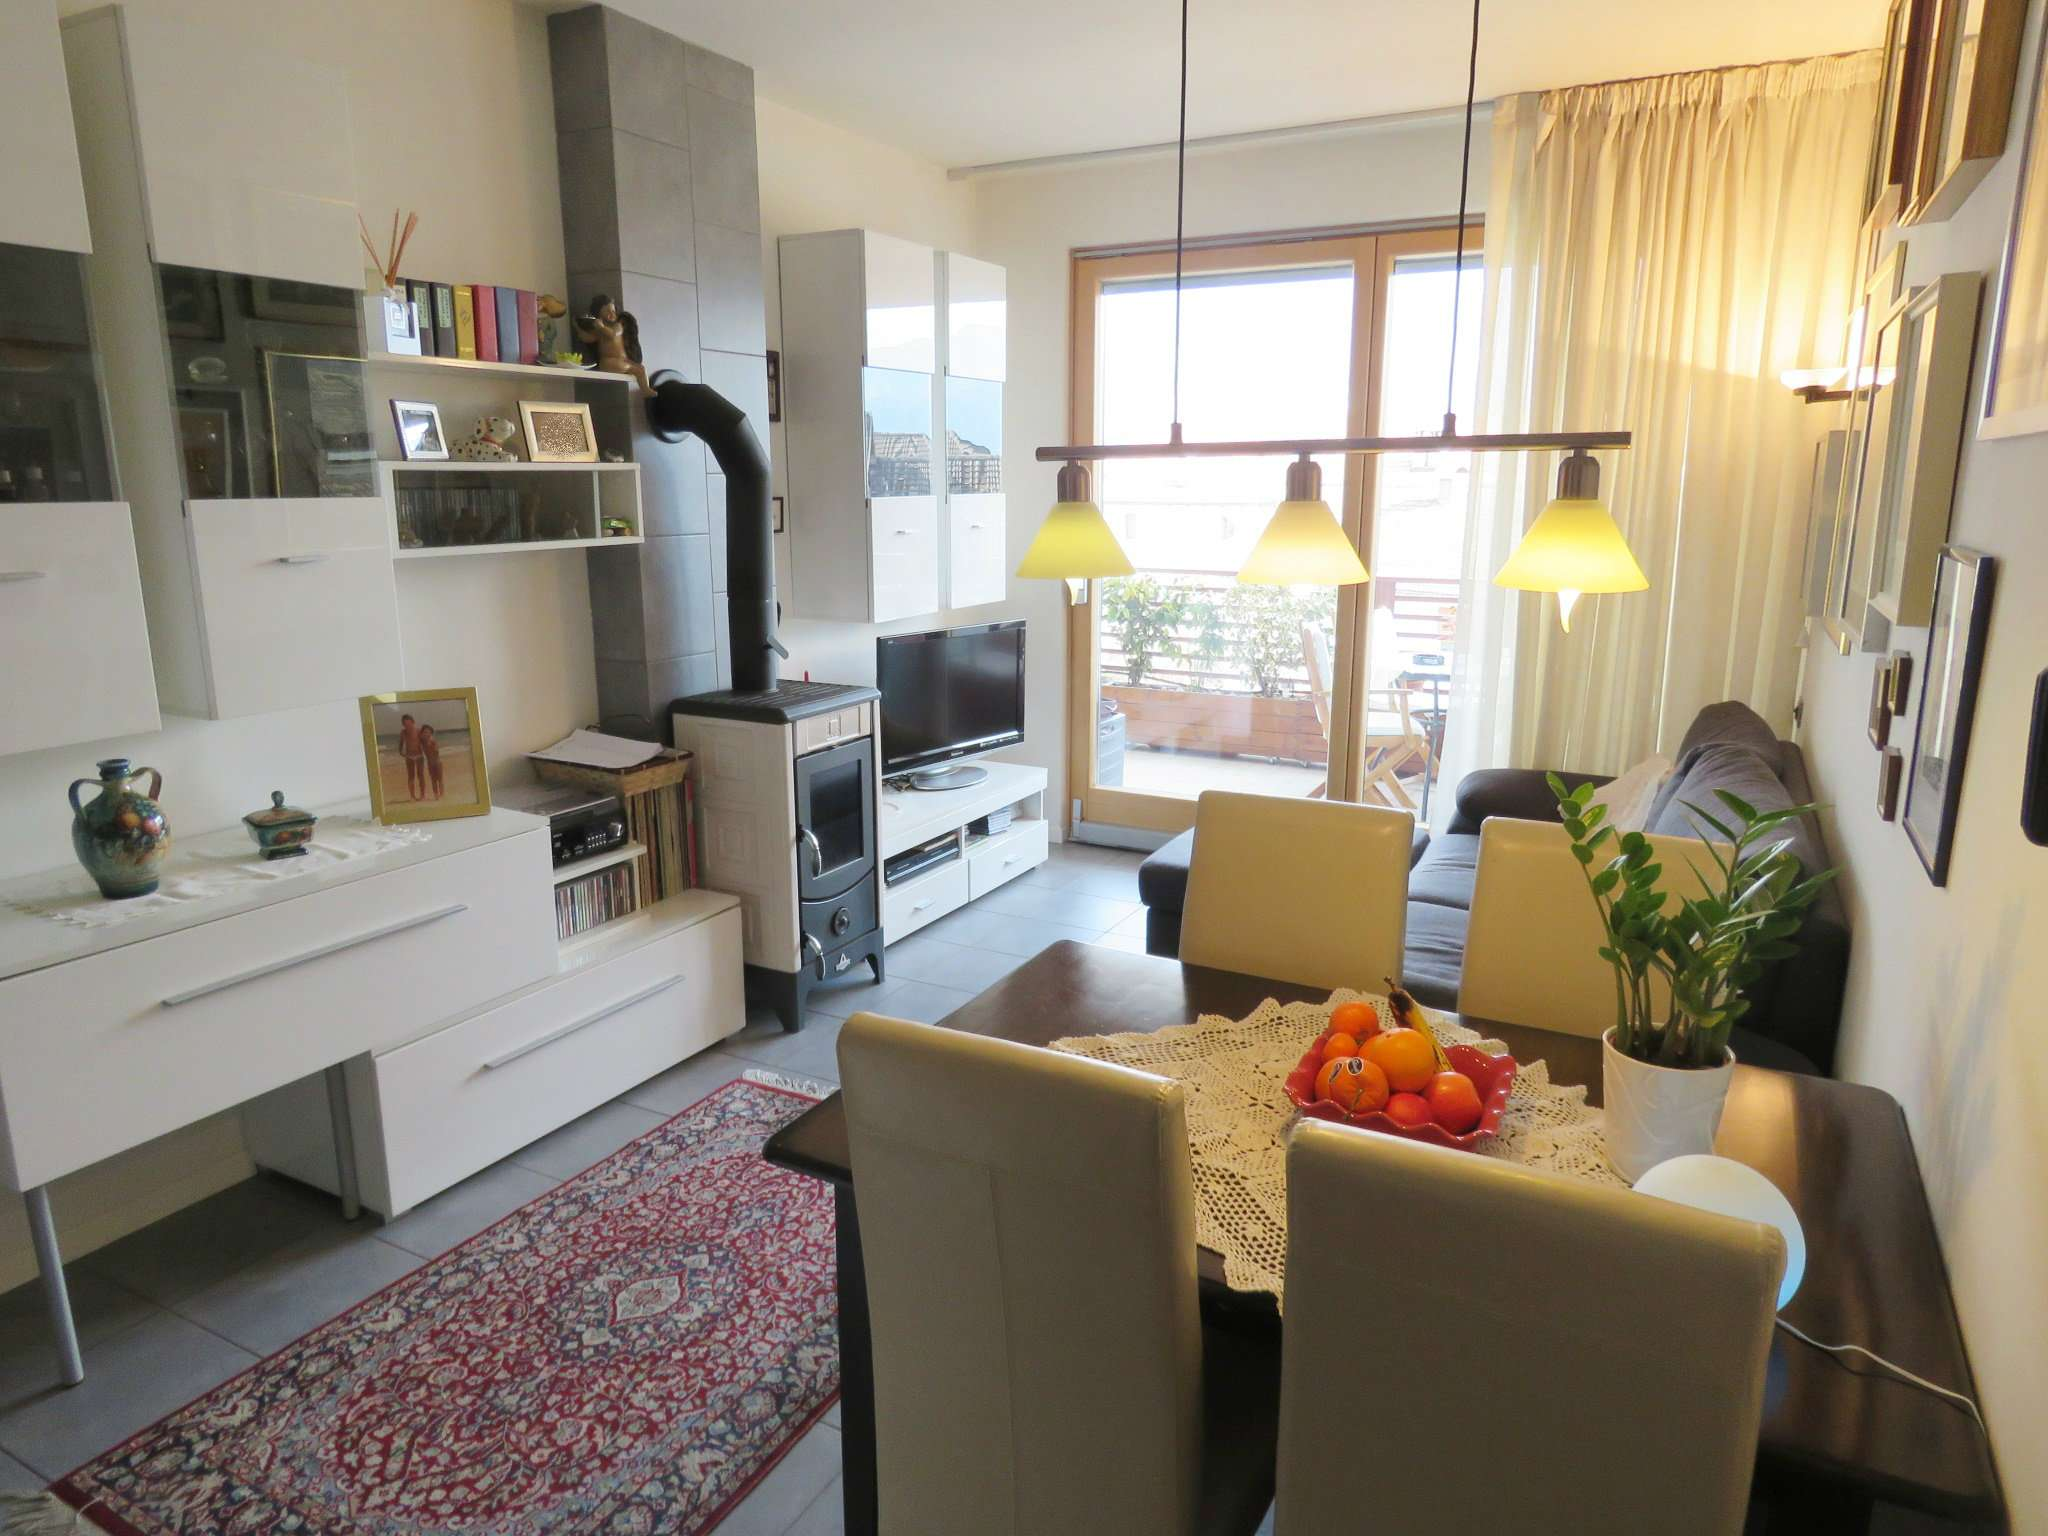 Appartamento in vendita a Nalles, 2 locali, prezzo € 200.000 | Cambio Casa.it